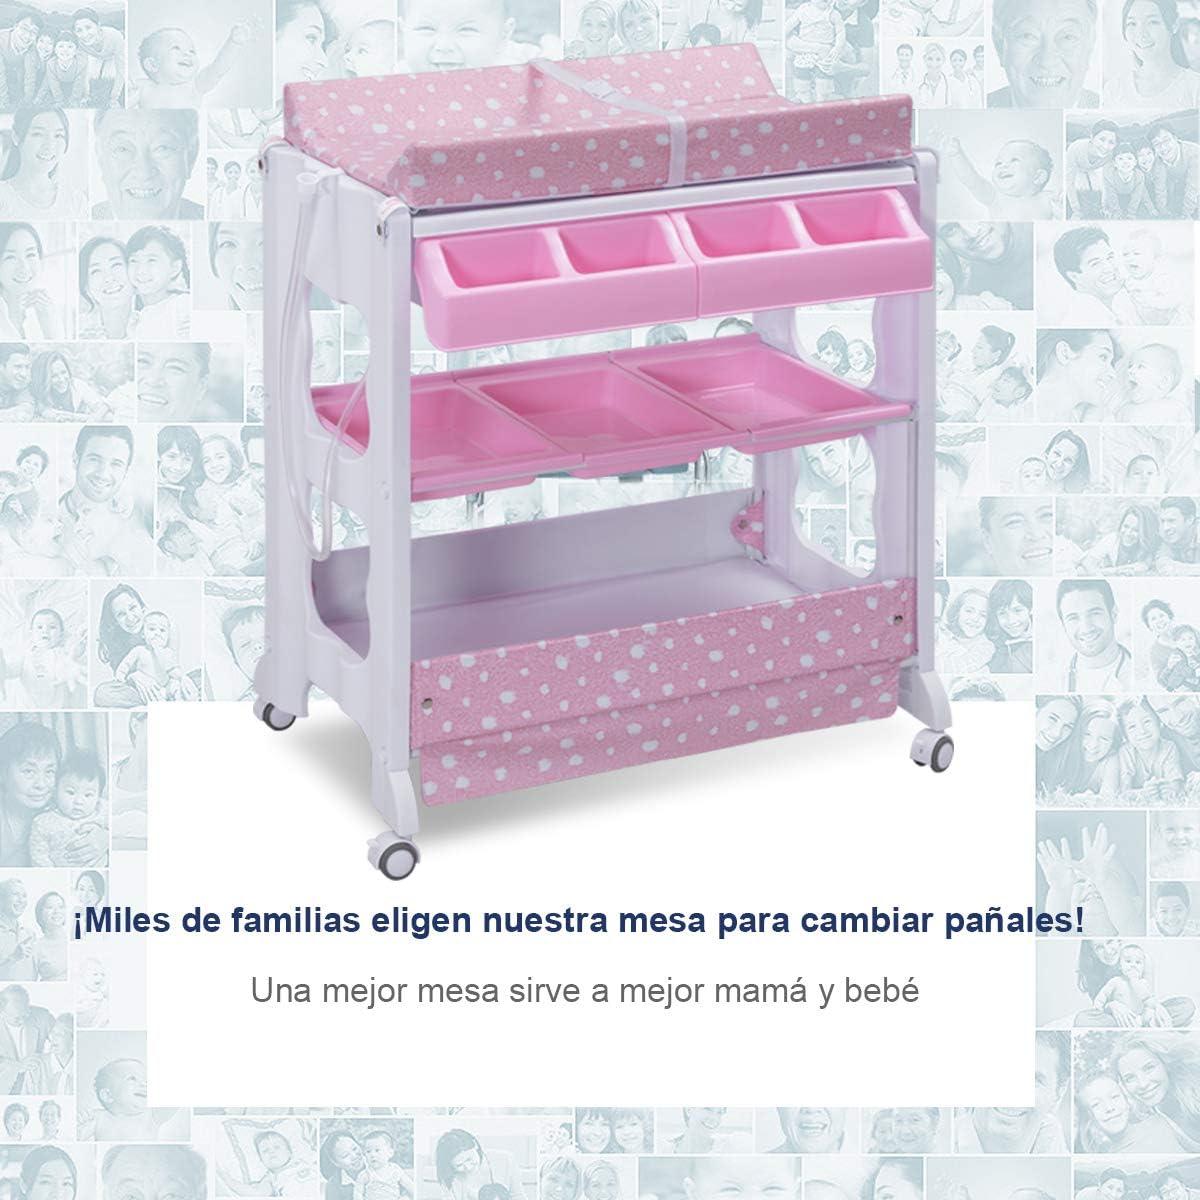 COSTWAY Cambiador de Pa/ñales Estante para Beb/é Organizador Cambiador Vestidor Ba/ñera con Bandeja Rosa